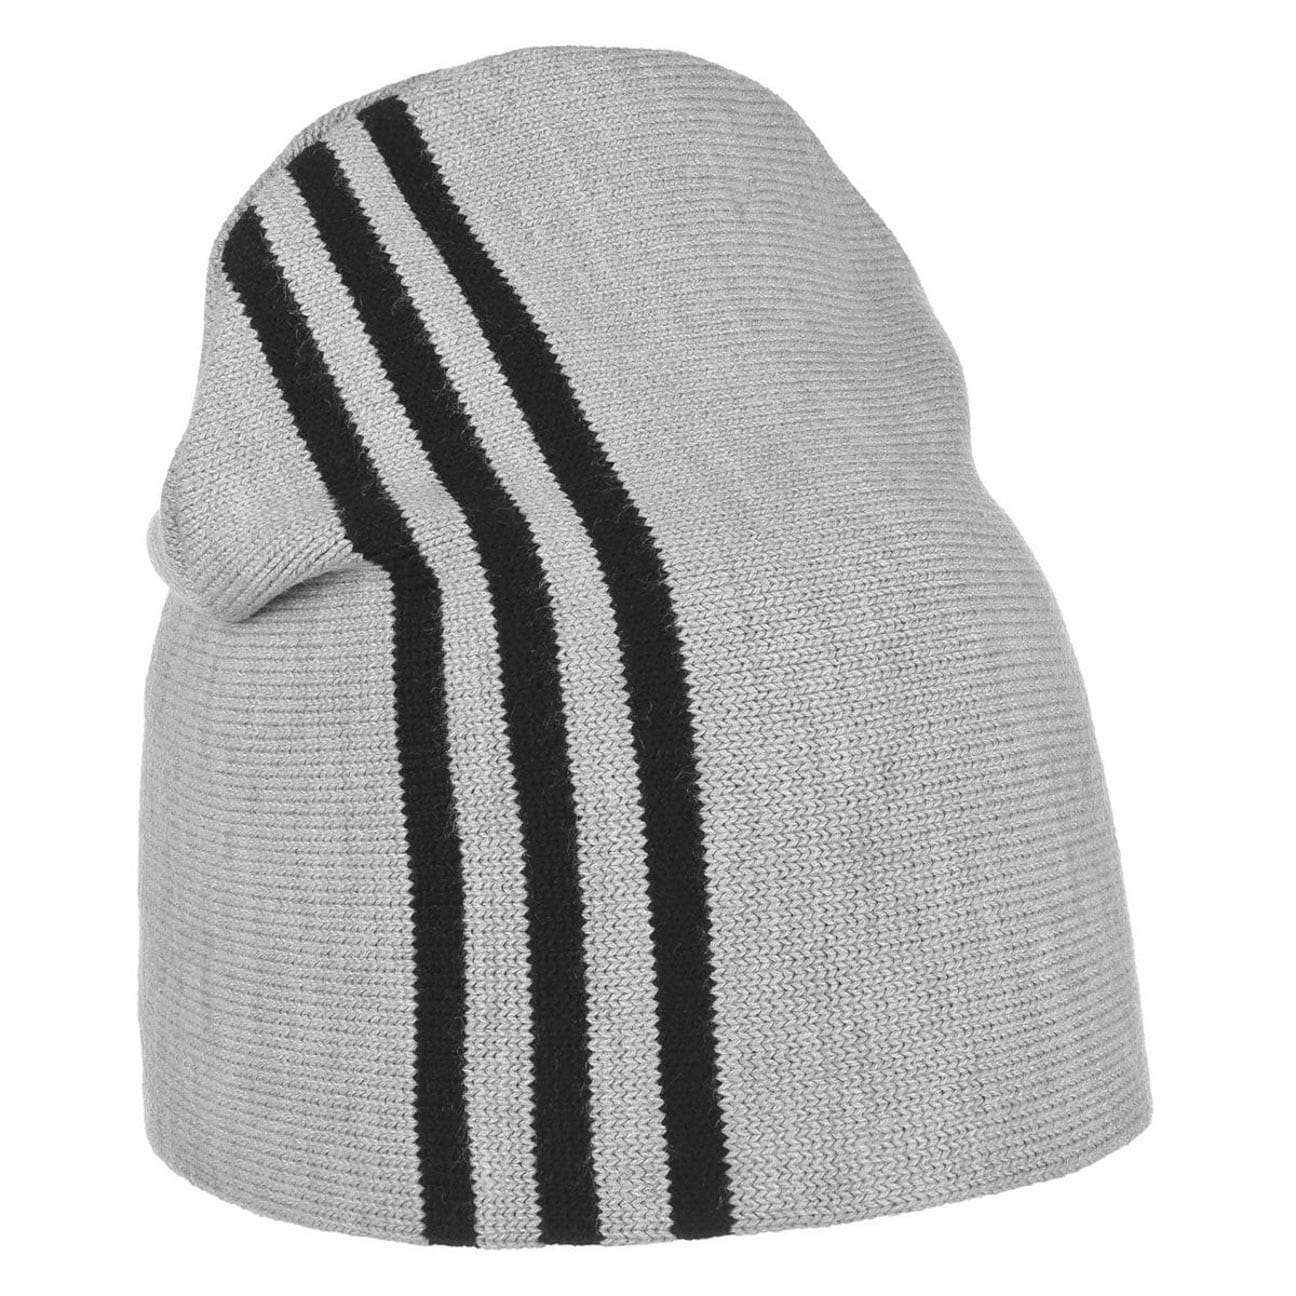 ESS 3 Stripes Beanie 3 by adidas - grey 1 ... ab41171b4d9